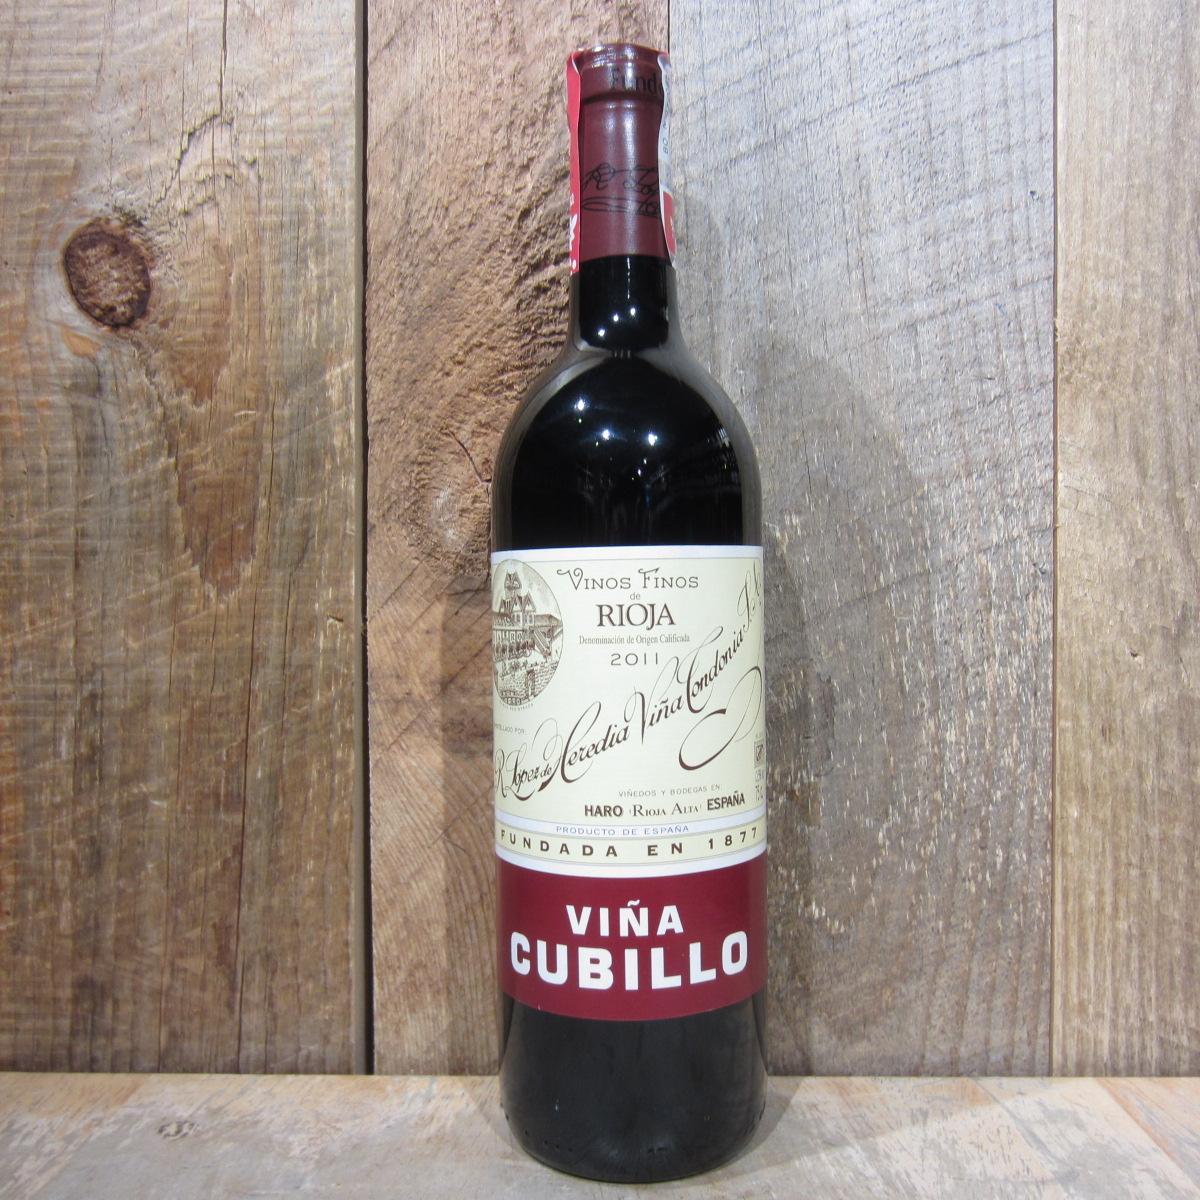 Lopez de Heredia Rioja Crianza Cubillo 2012 750ml